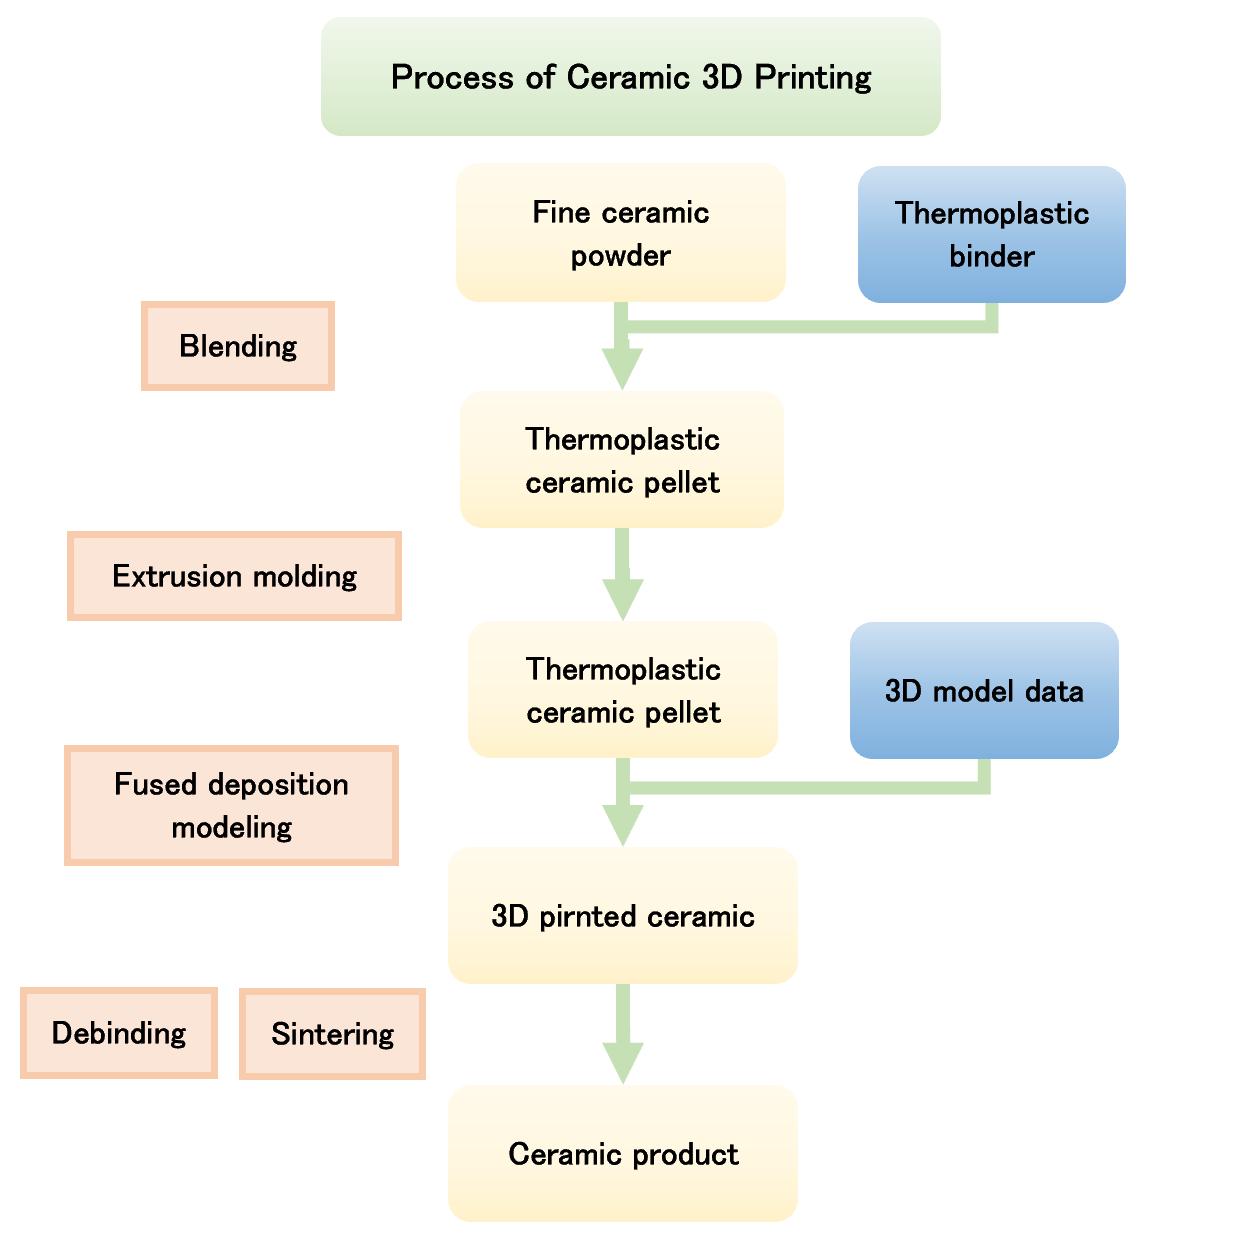 Process of ceramic 3d printing